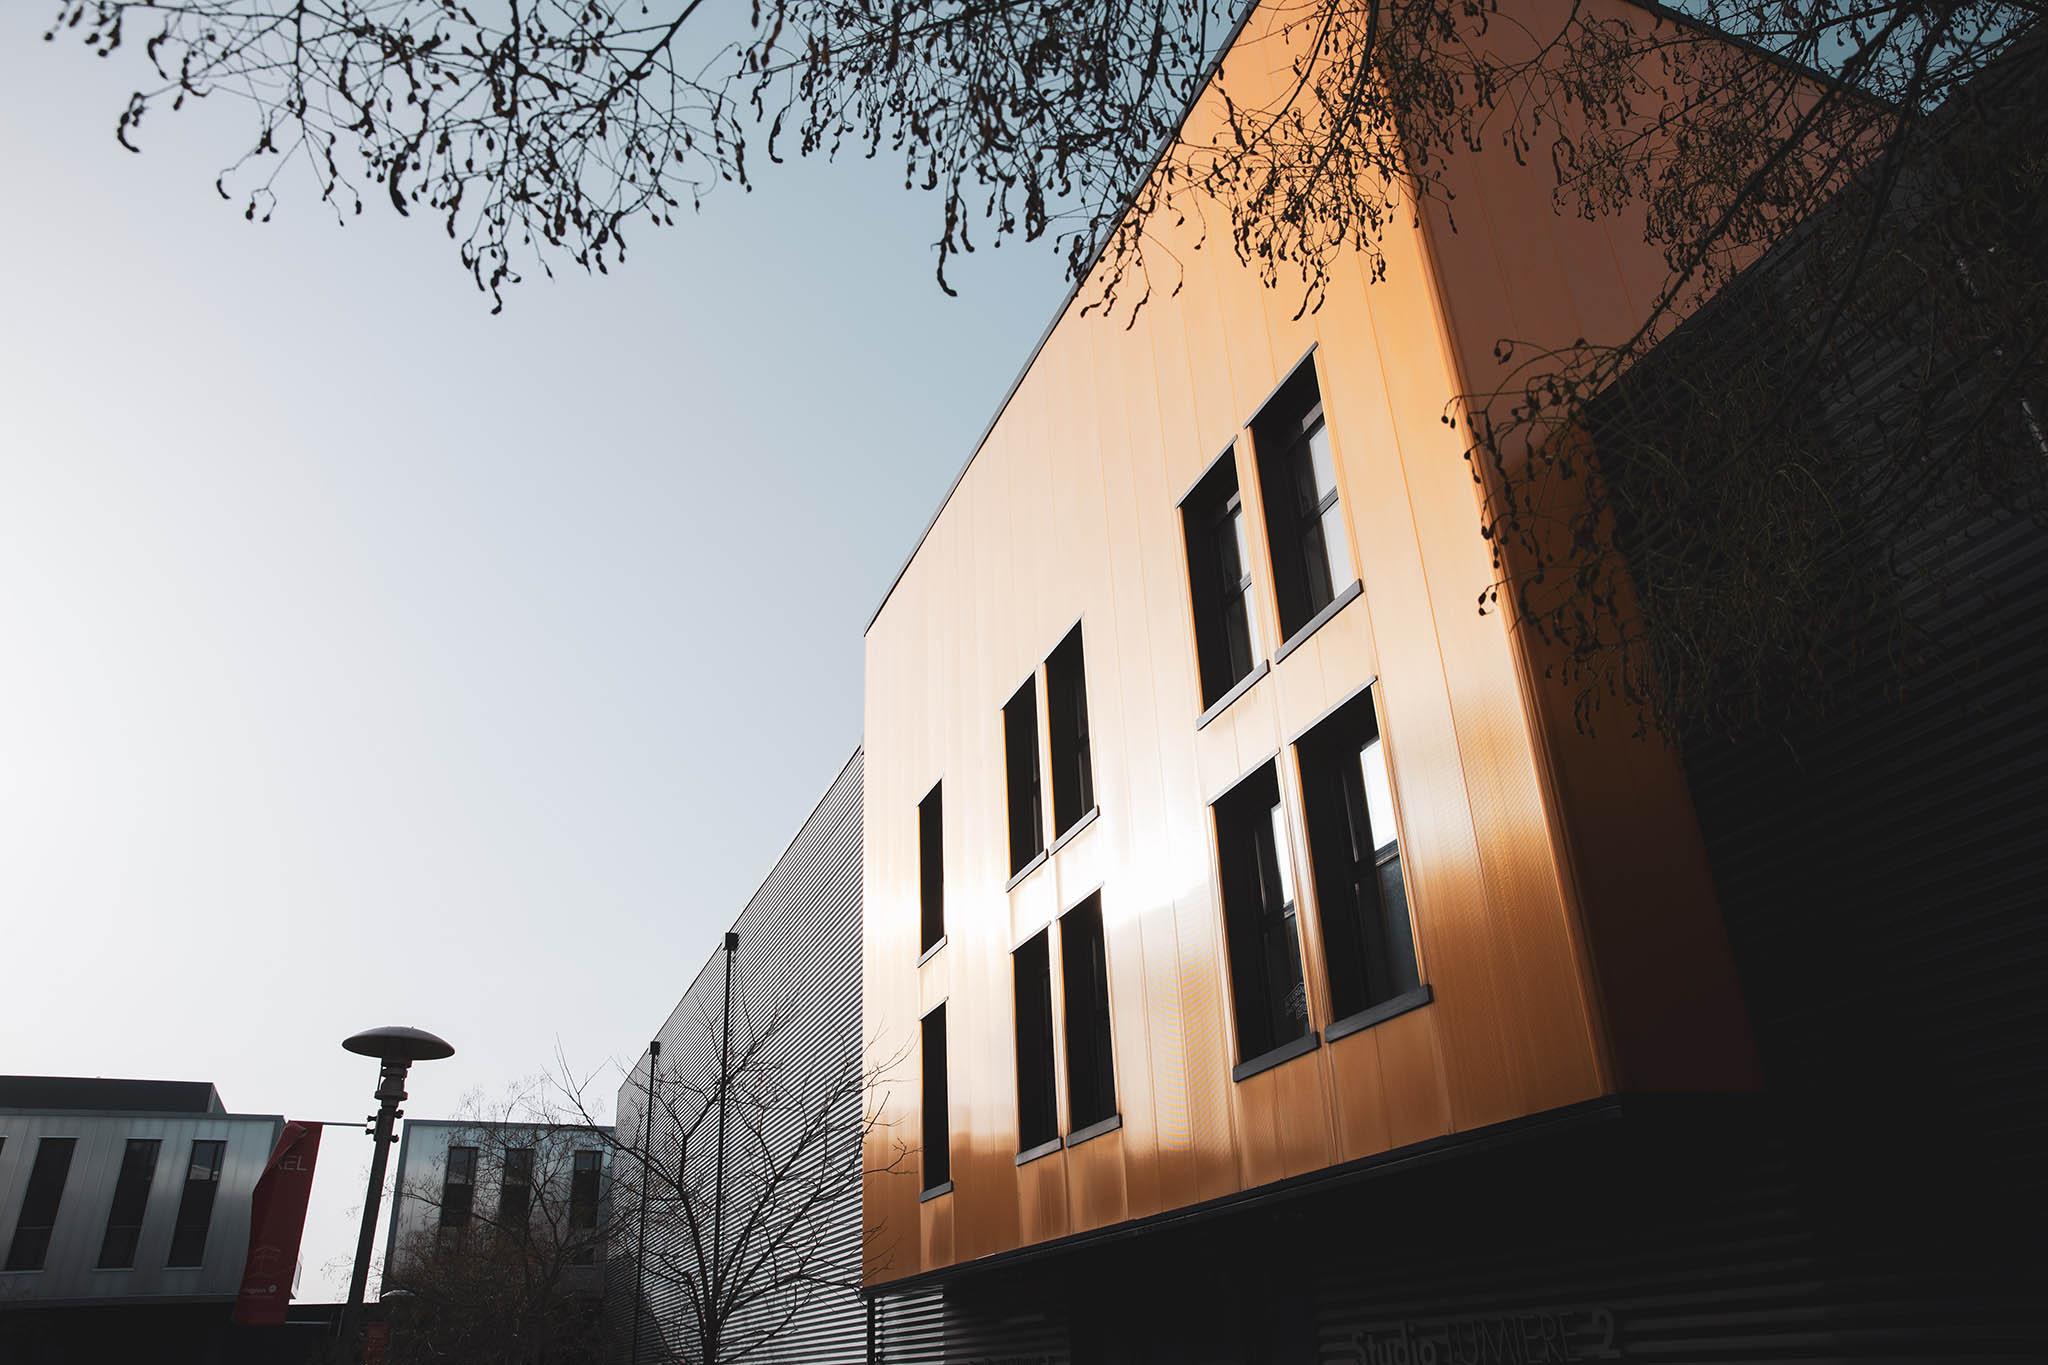 Vue d'un bâtiment du Pôle PIXEL au soleil rasant